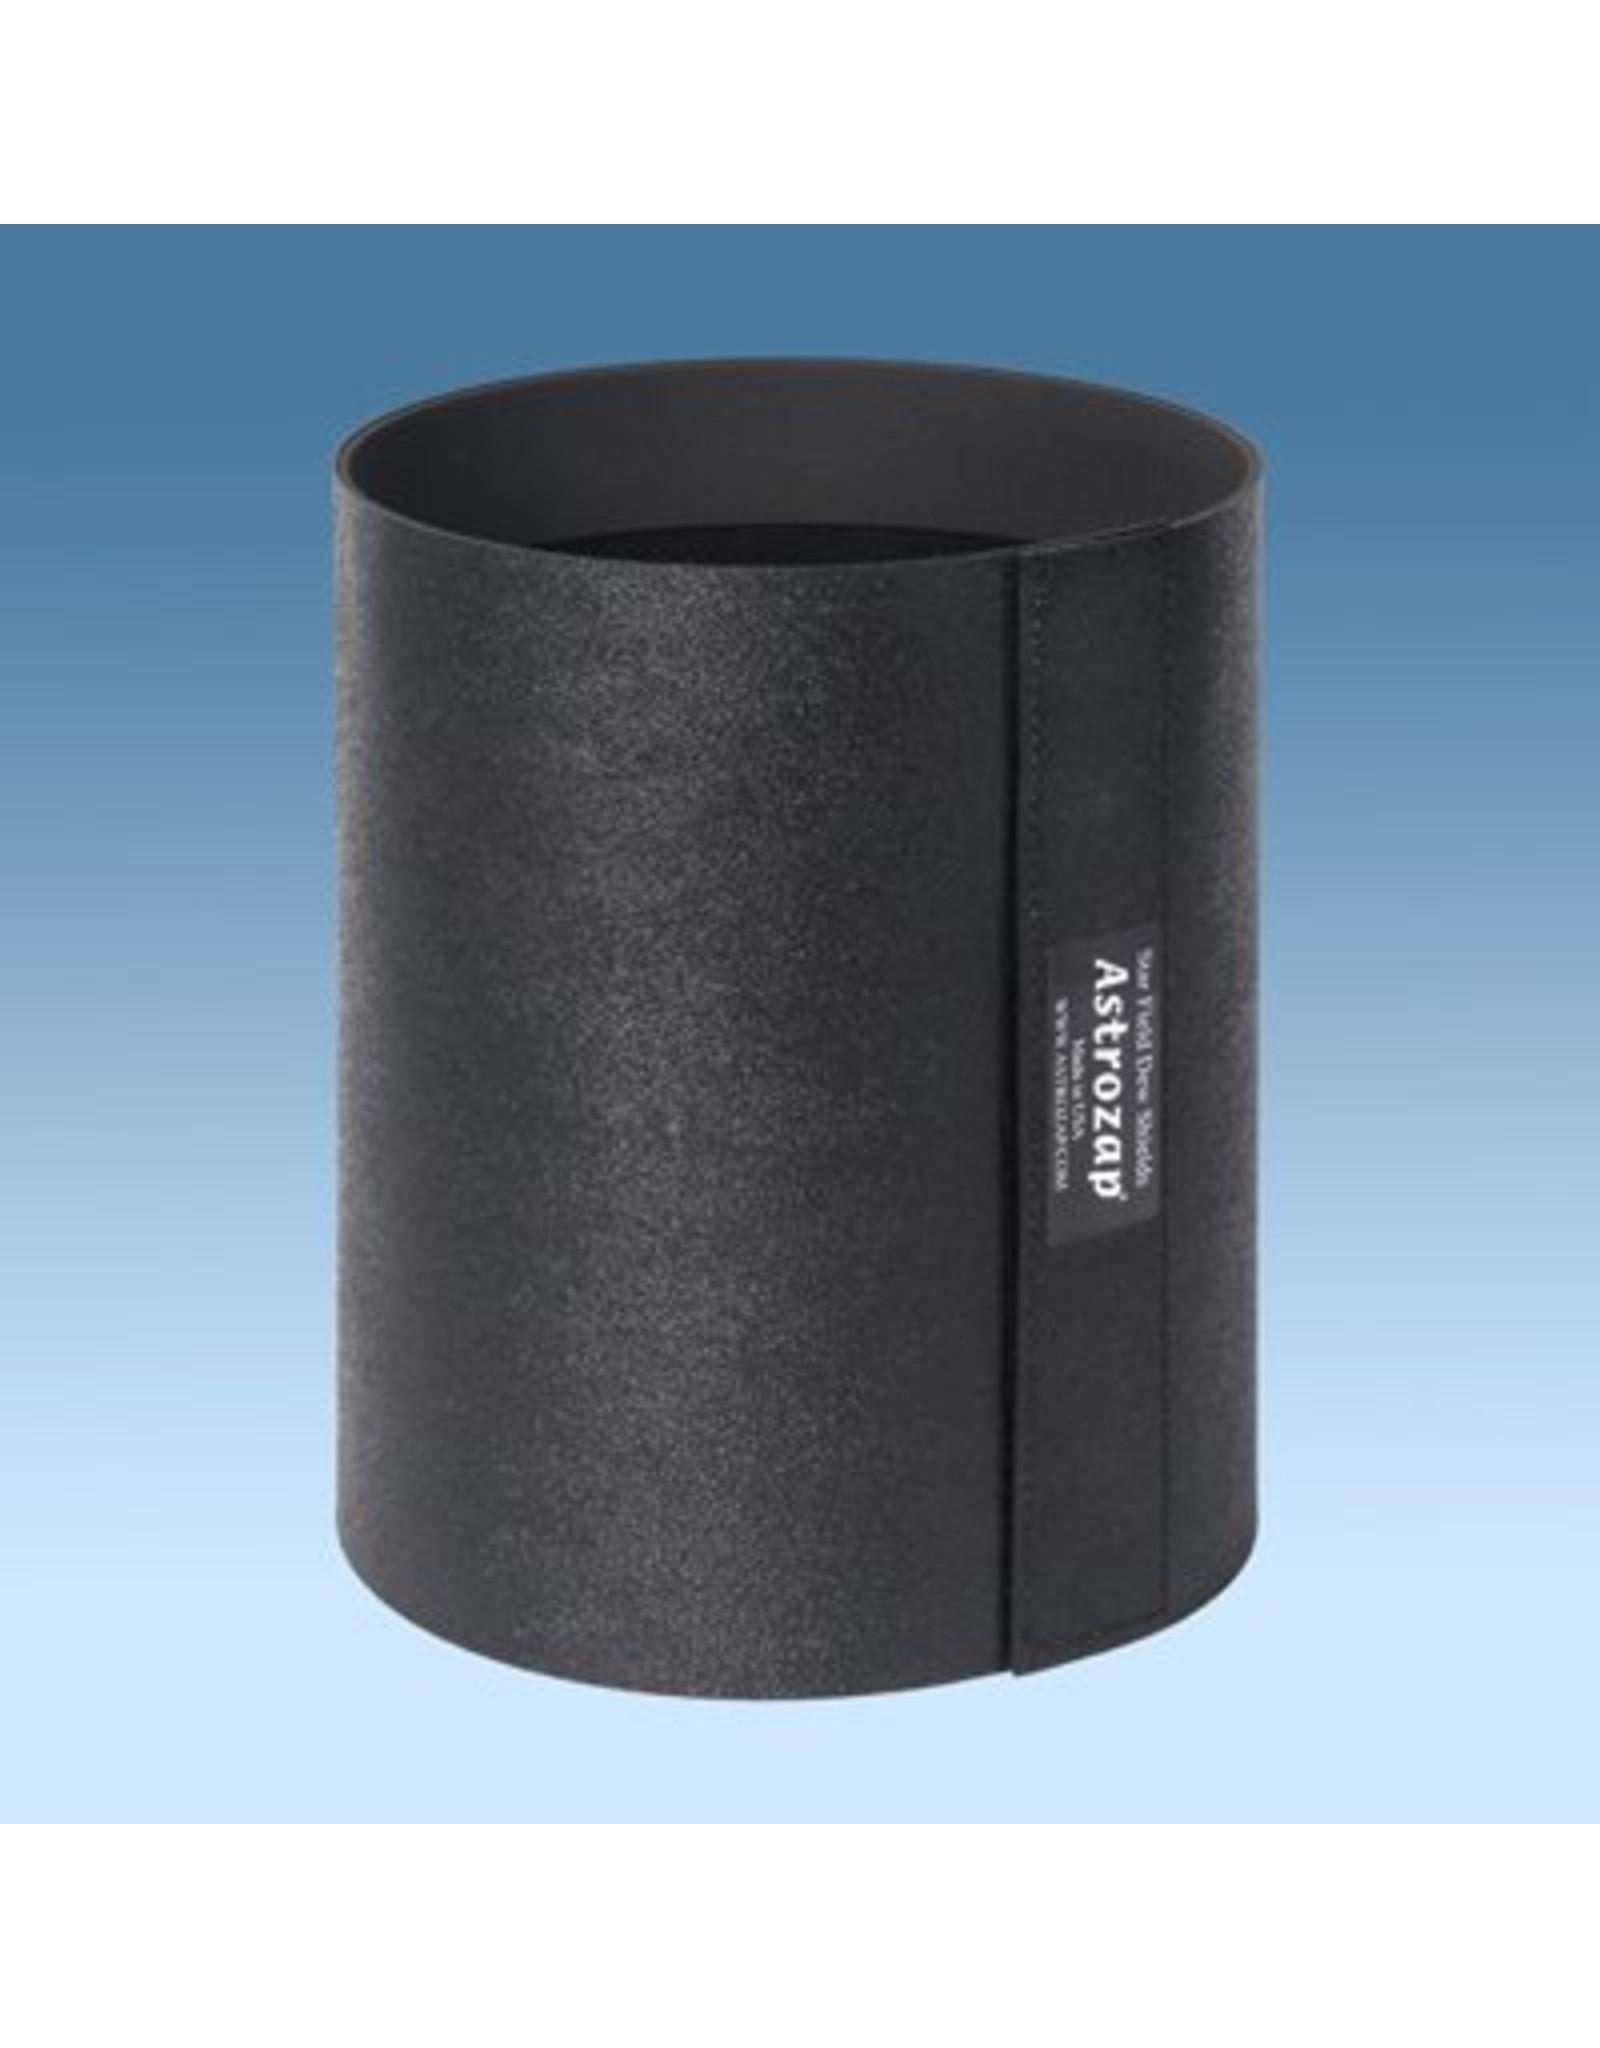 Astrozap Meade 10 LXD55 & LXD75 Sct-Newt Flexi-Shield™ Flexible Dew Shield